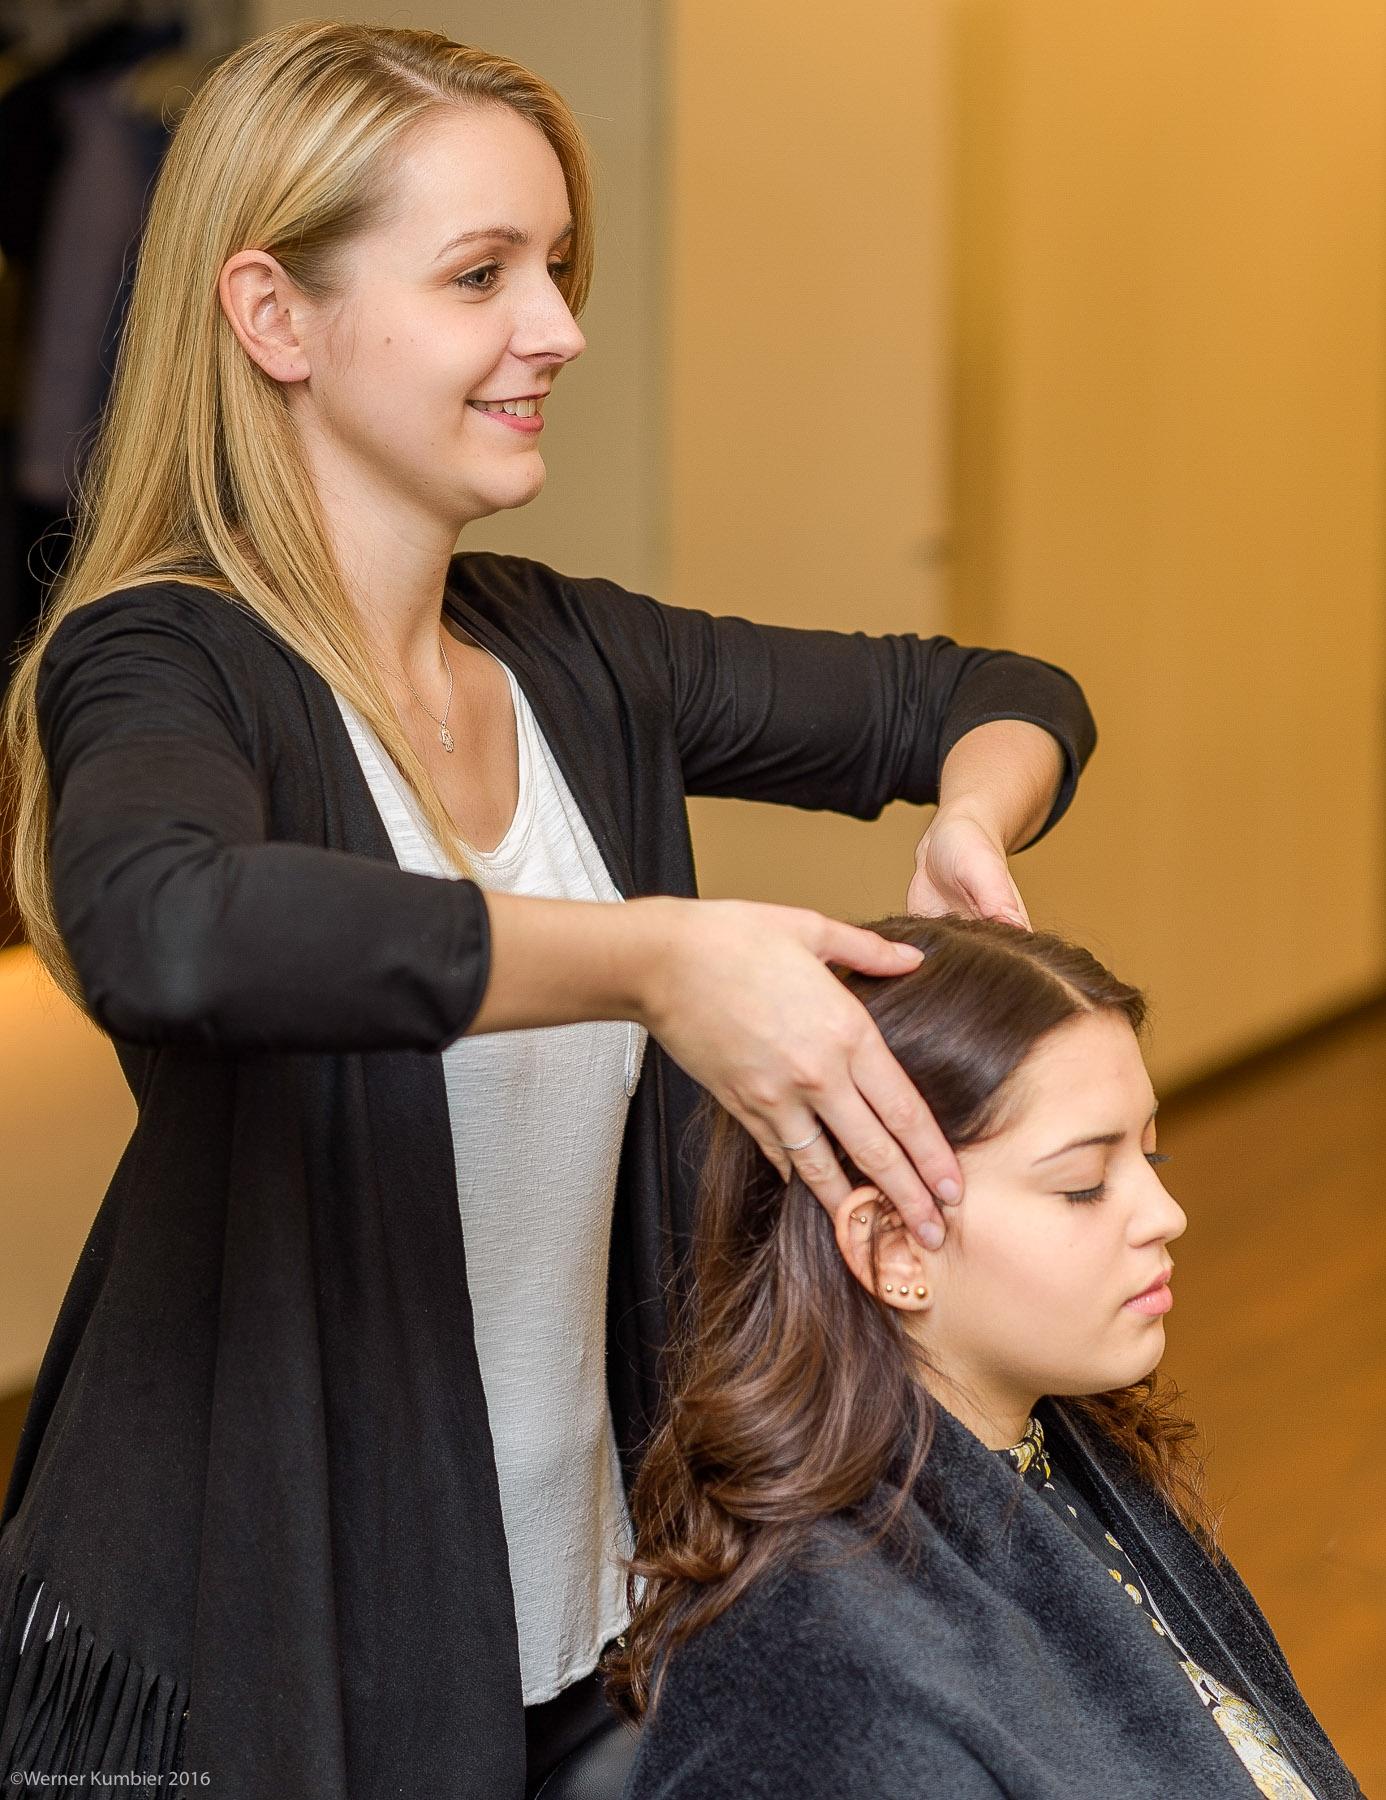 Eine sanfte Kopfmassage mit wohriechendem Aromaöl ist Entspannung pur